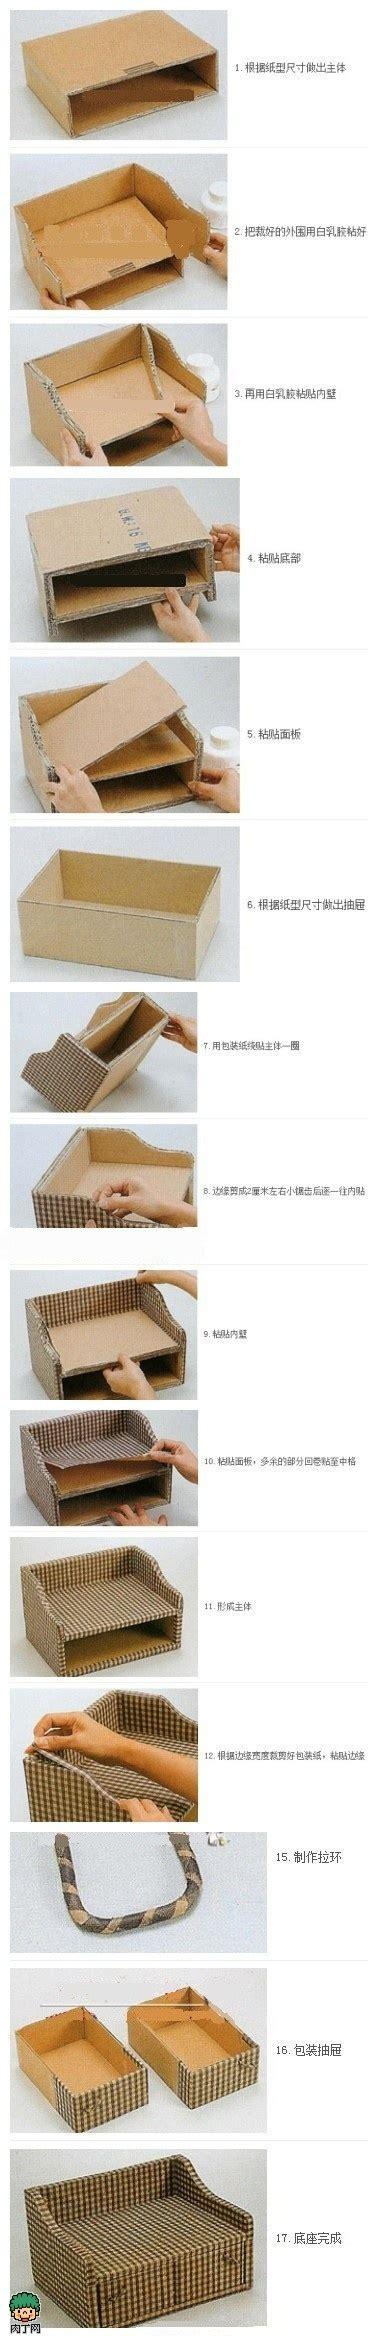 Diy storage box old cardboard cloth diy cardboard storage